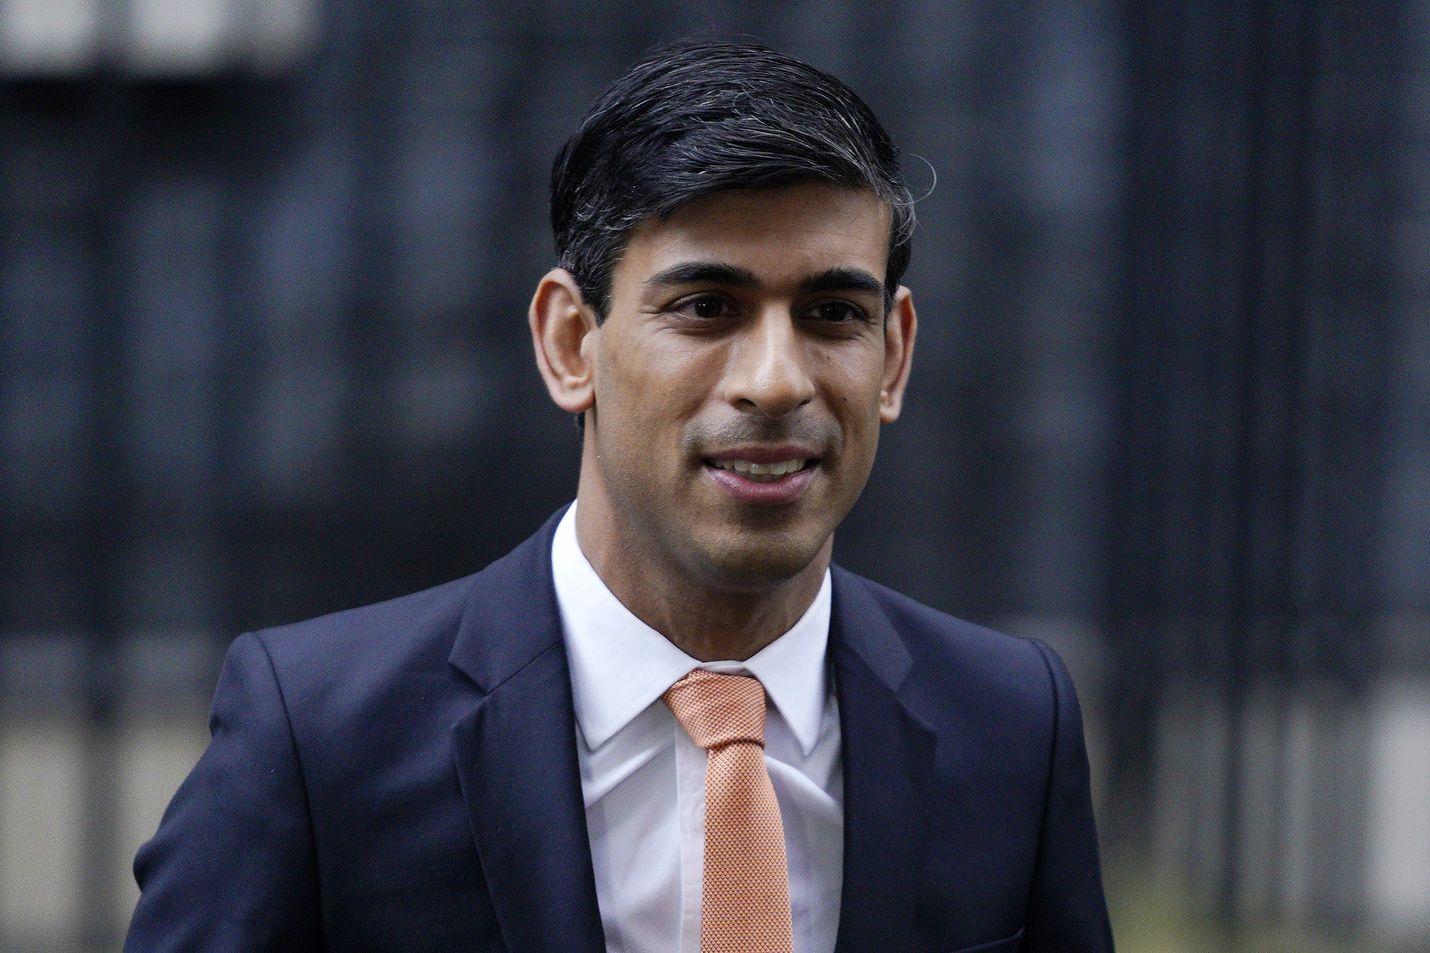 Uusi valtiovarainministeri Rishi Sunak on tunnettu pääministeri Boris Johnsonille lojaalina miehenä.